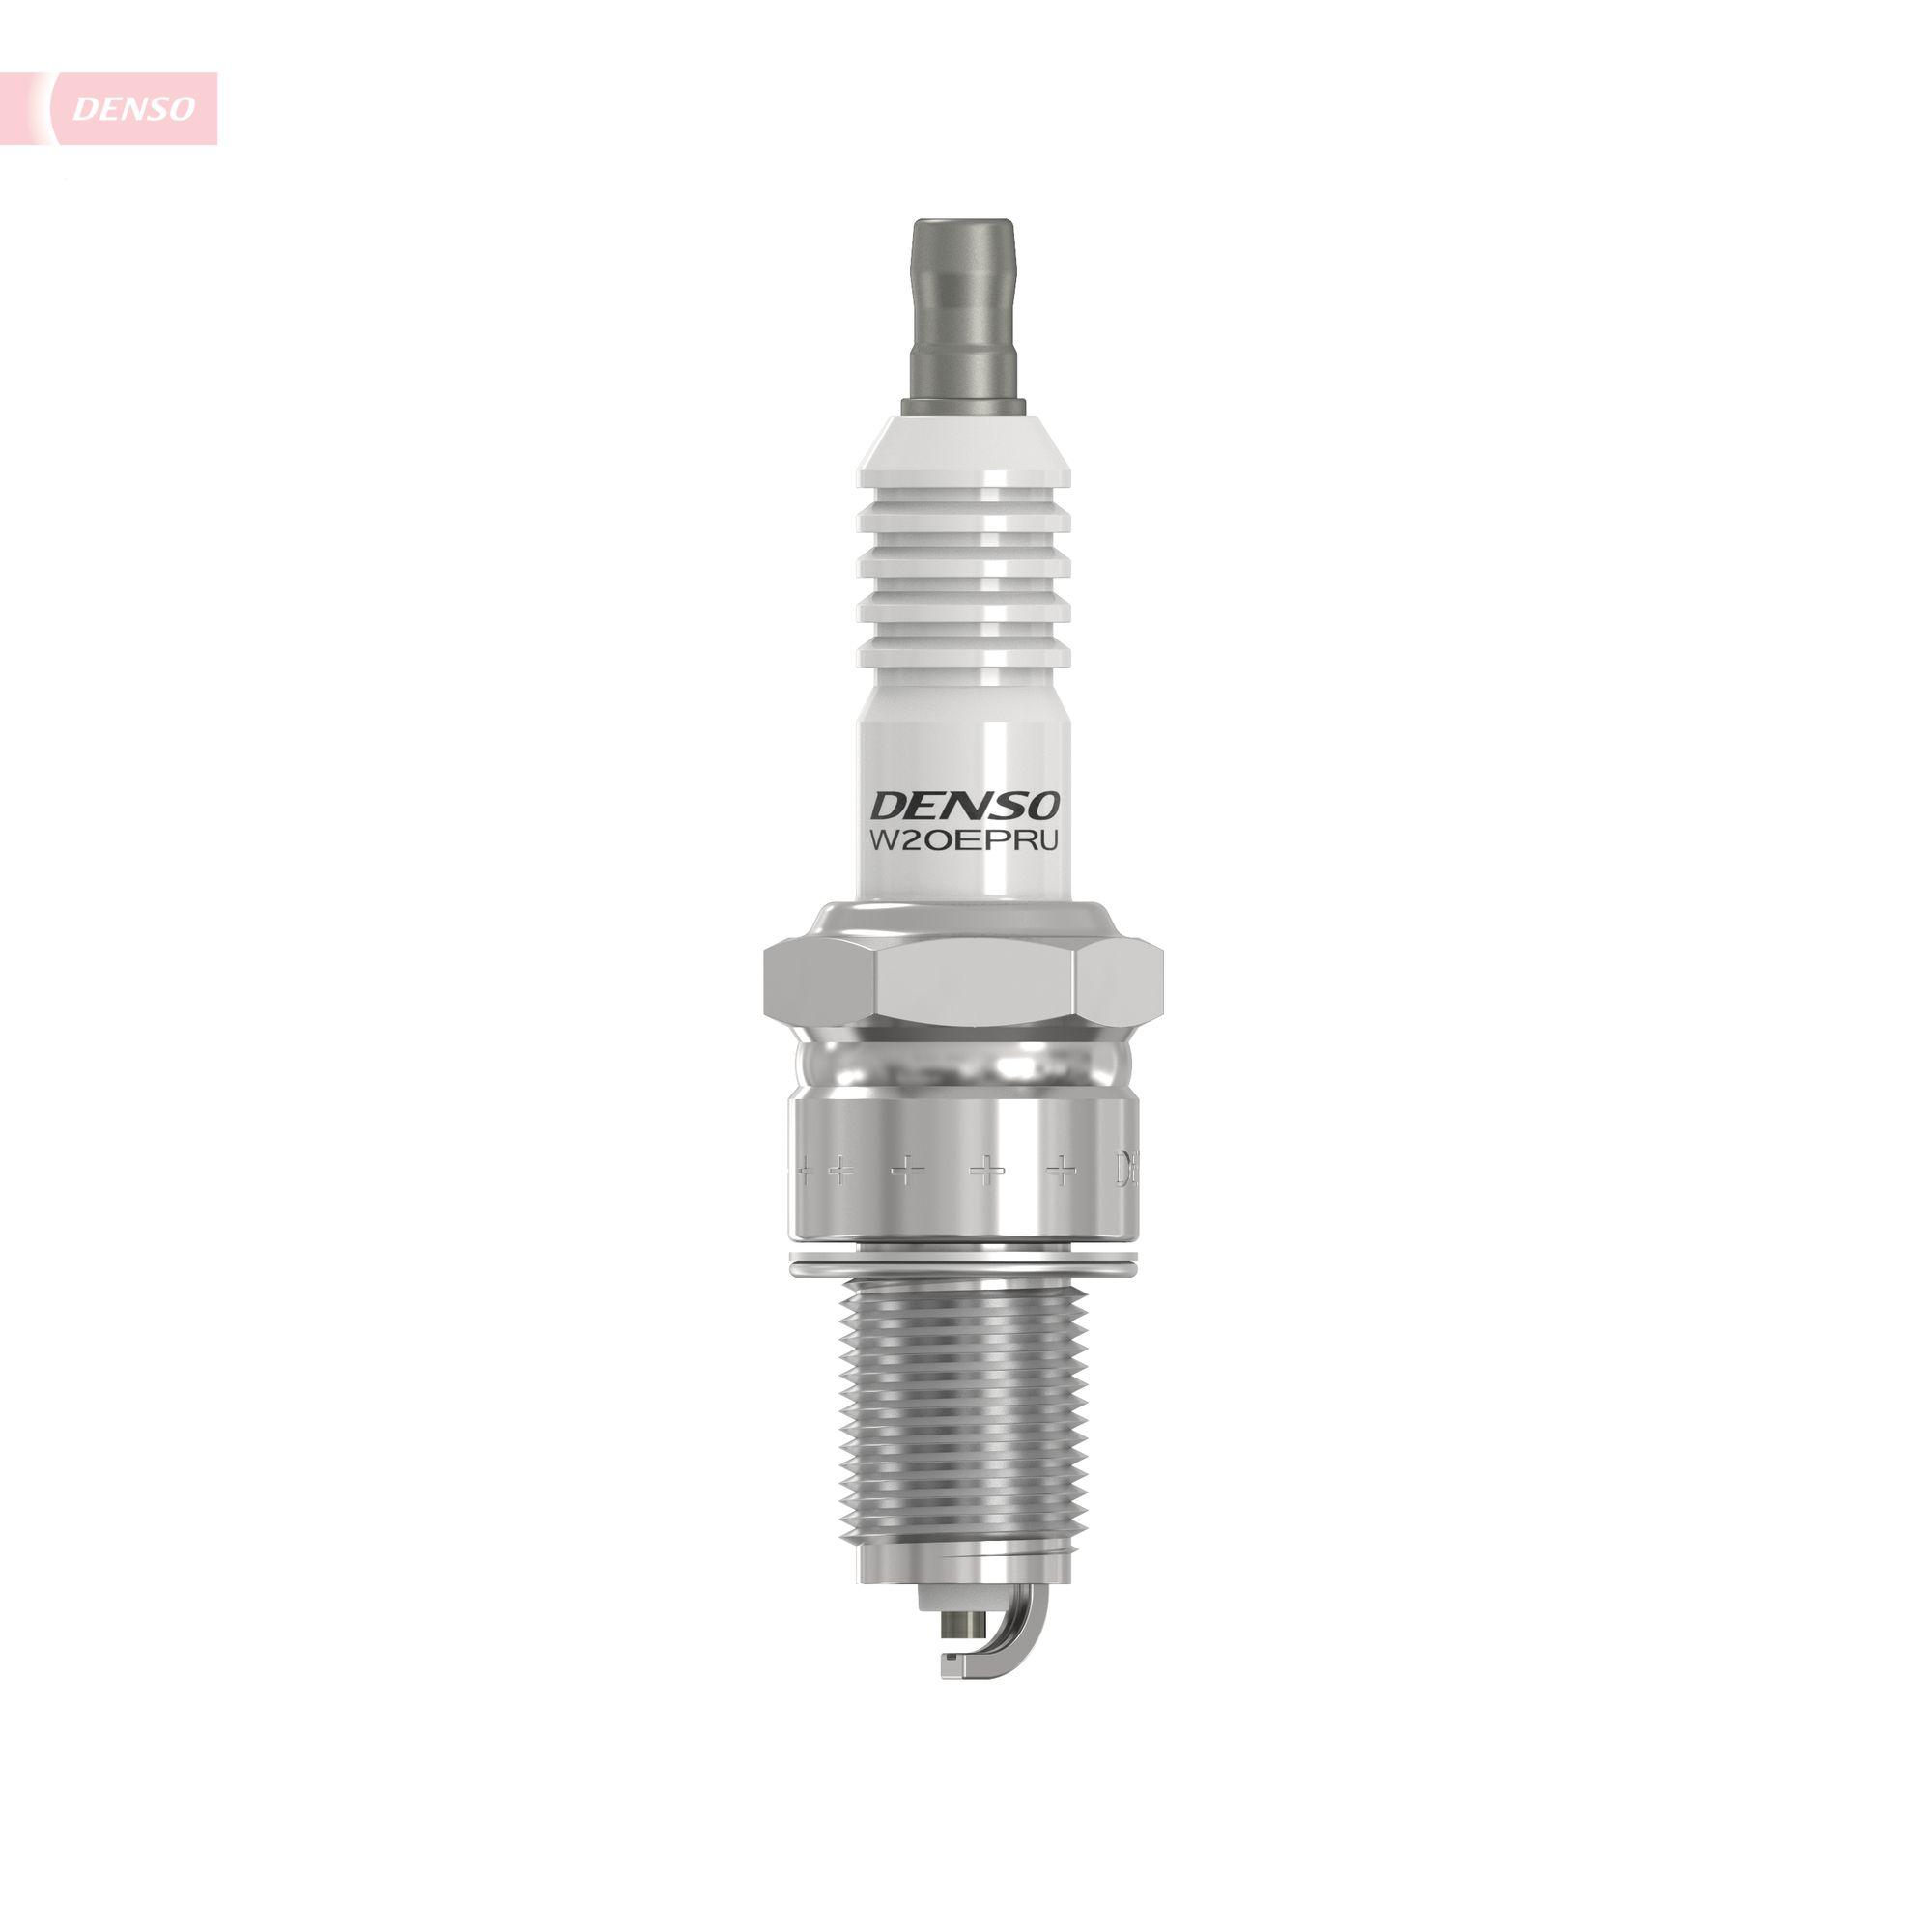 Zündkerzen W20EPR-U DENSO 3047 in Original Qualität